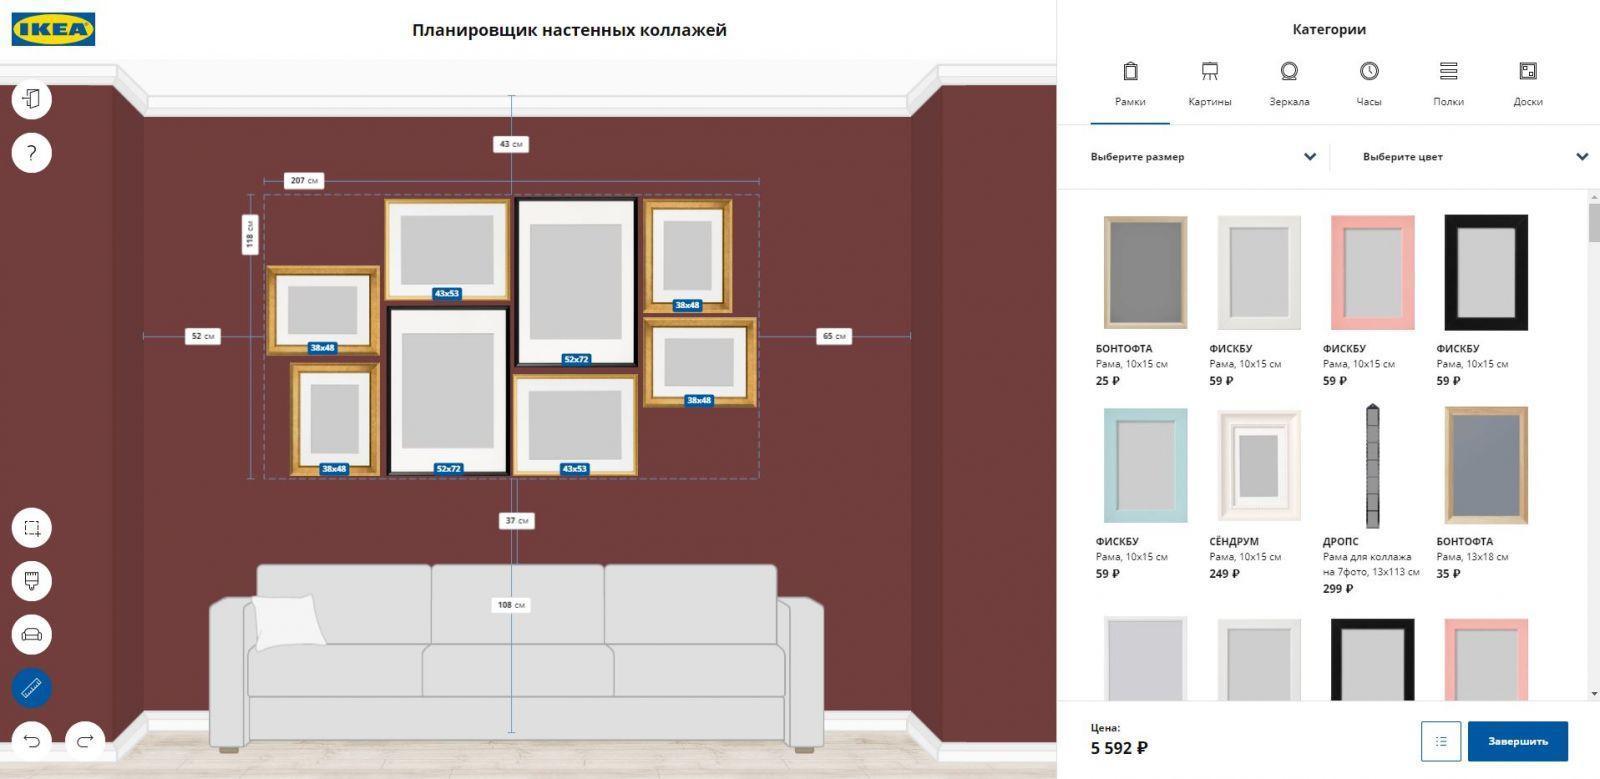 ИКЕА в России запустила онлайн-конструктор декора (interfejs onlajn planirovshhika nastennyh kollazhej)